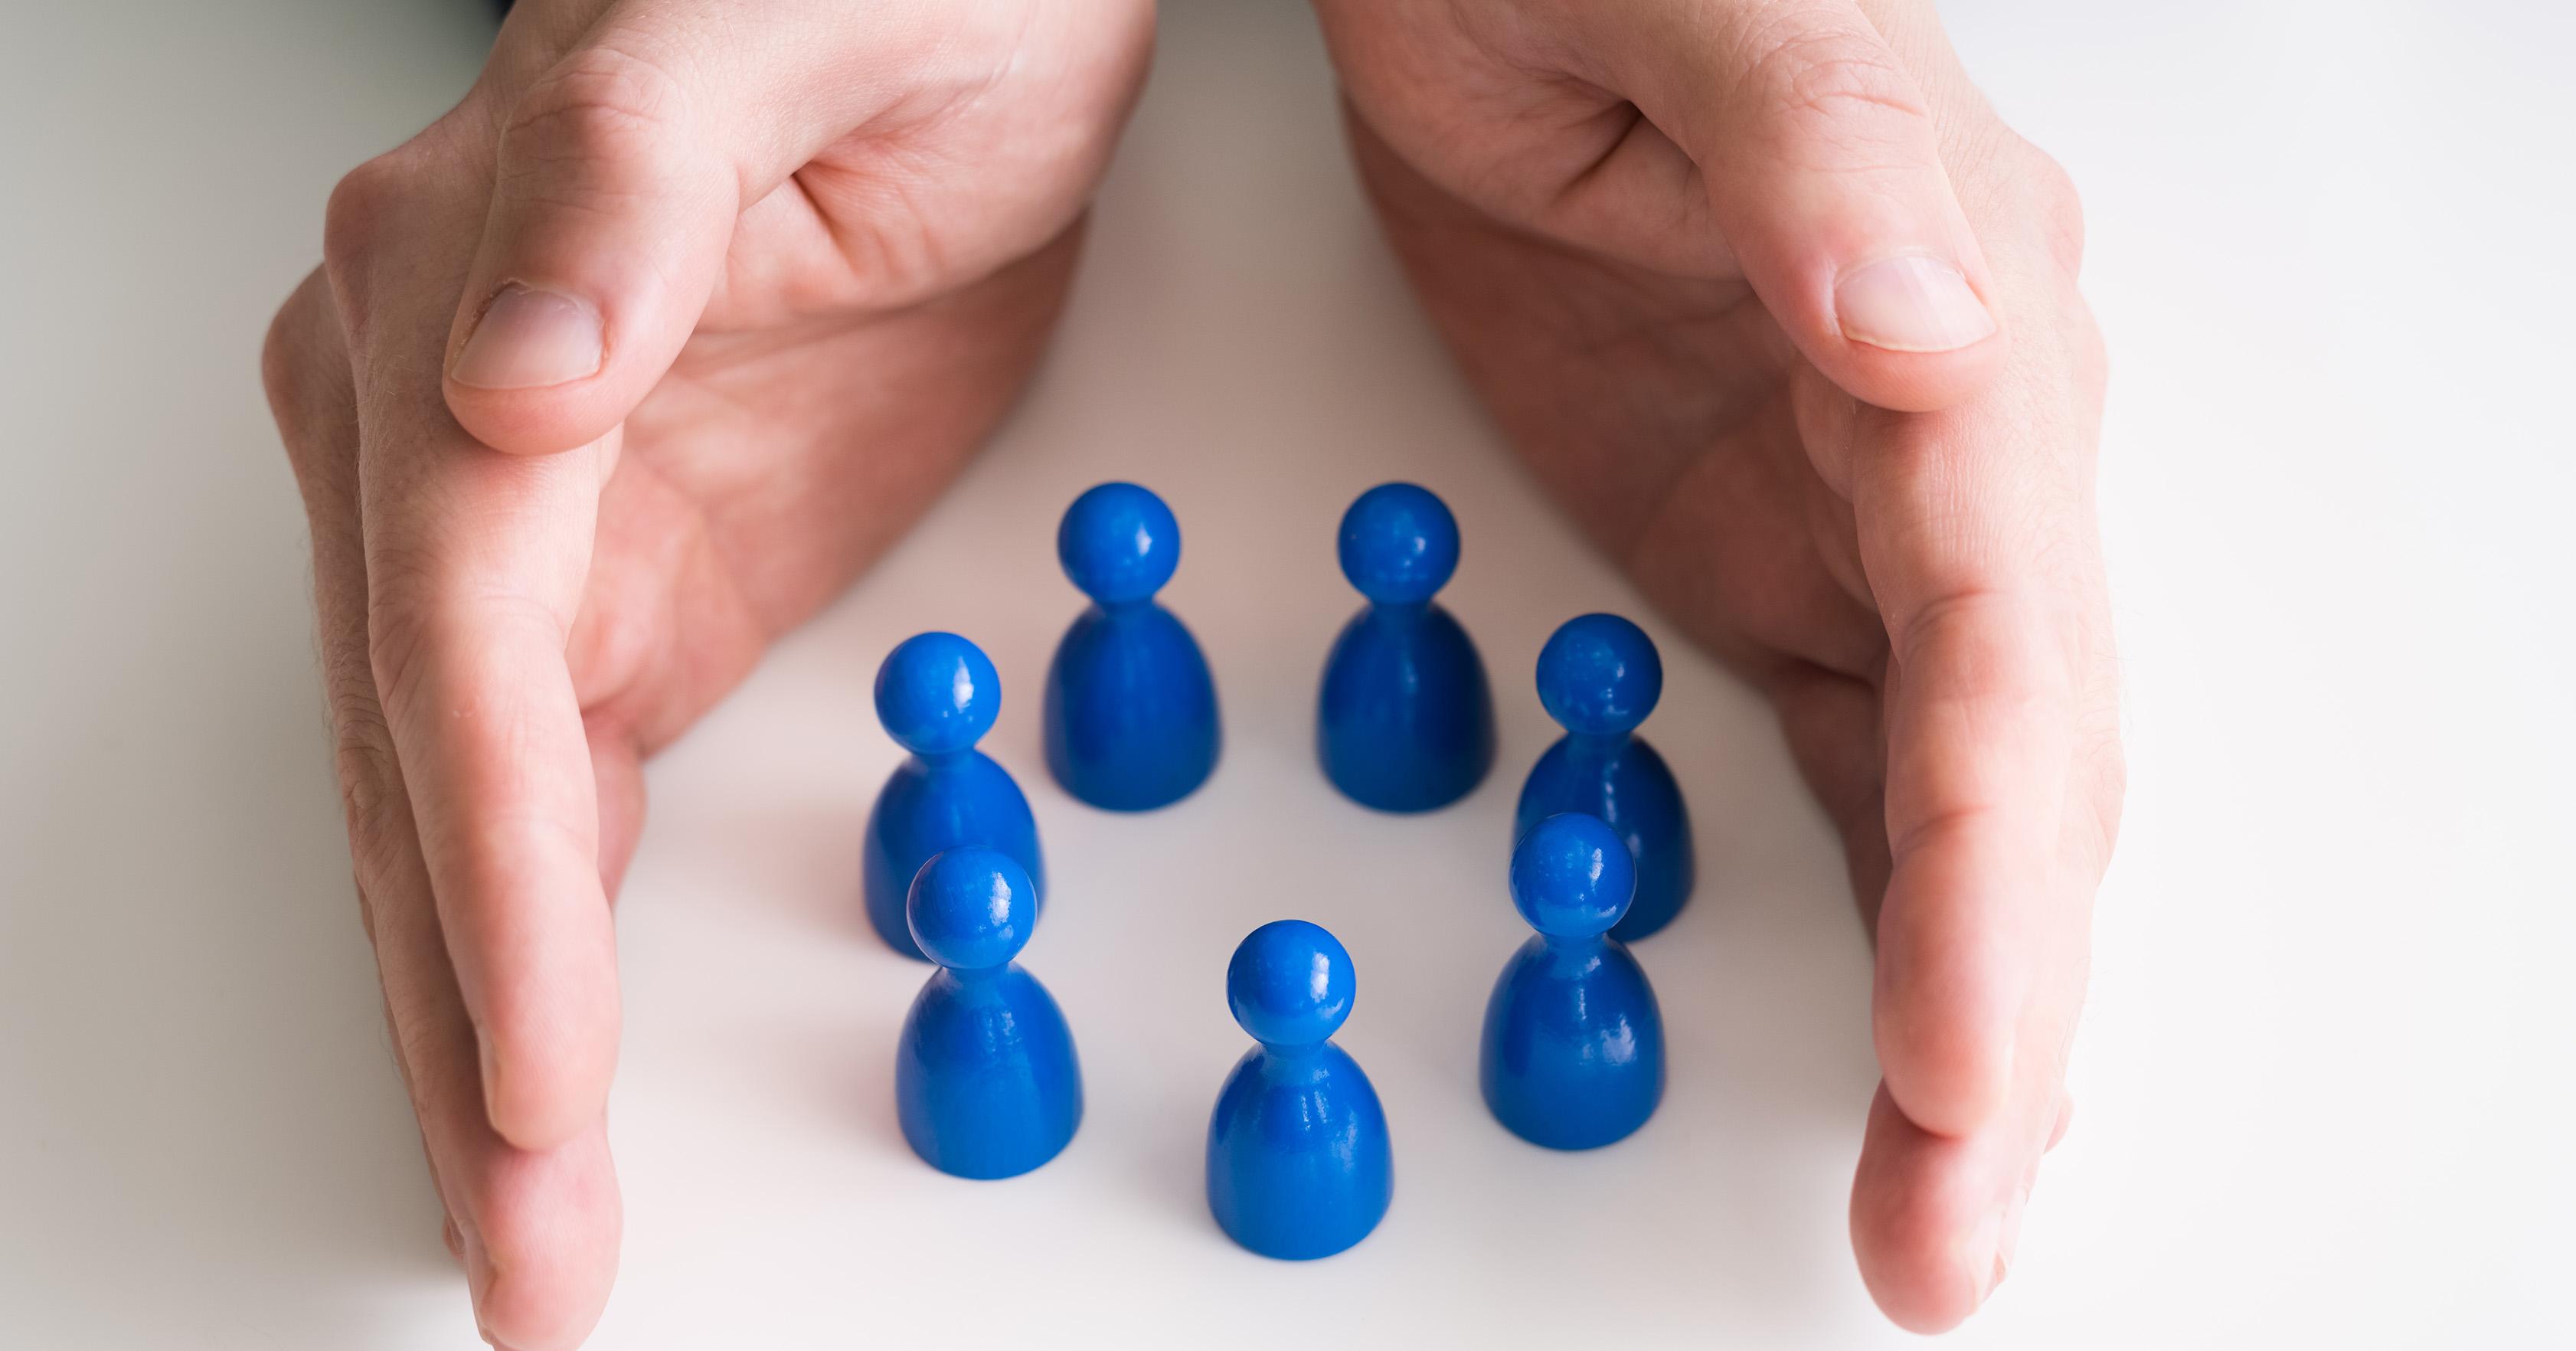 Veja as vantagens da previdência em grupo